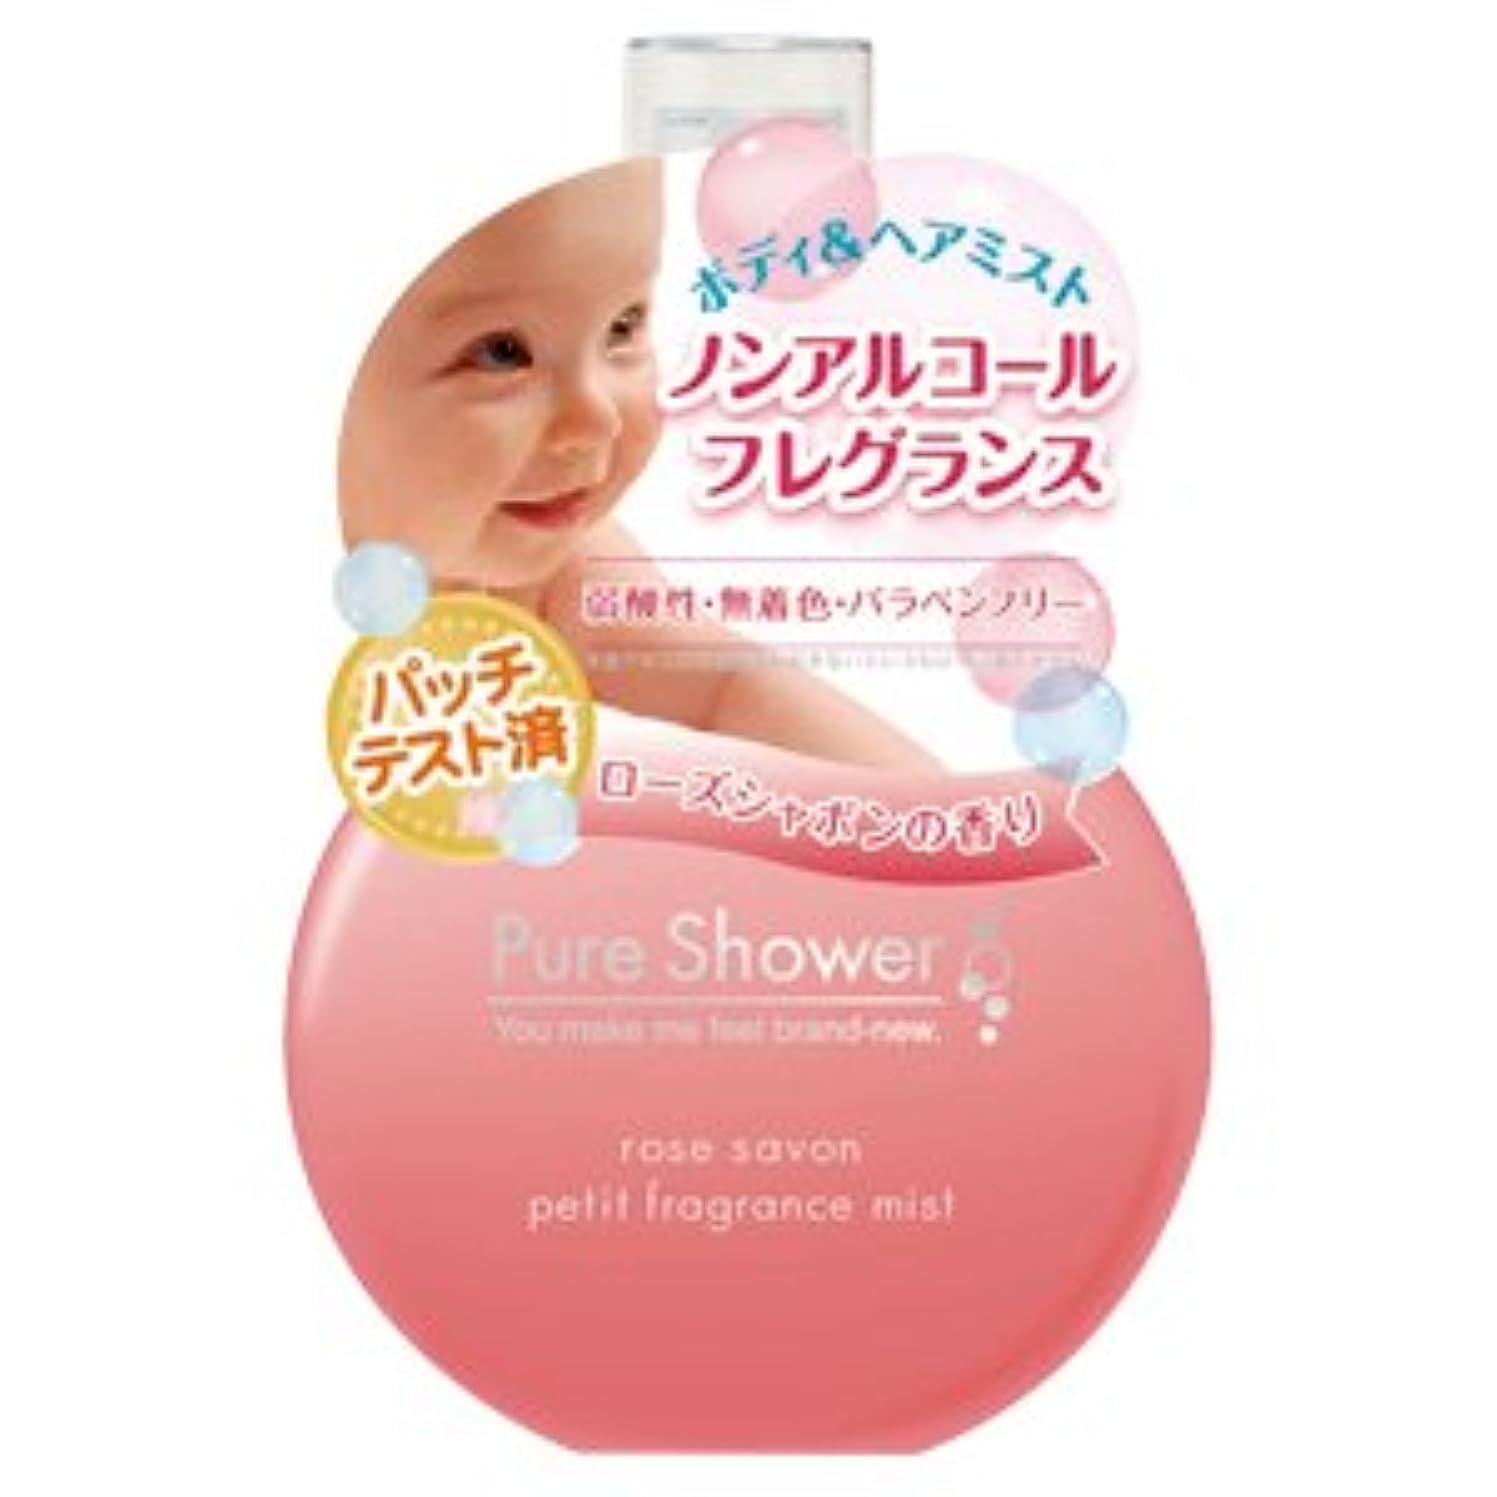 昆虫中性決してピュアシャワー Pure Shower ノンアルコール フレグランスミスト ローズシャボン 50ml